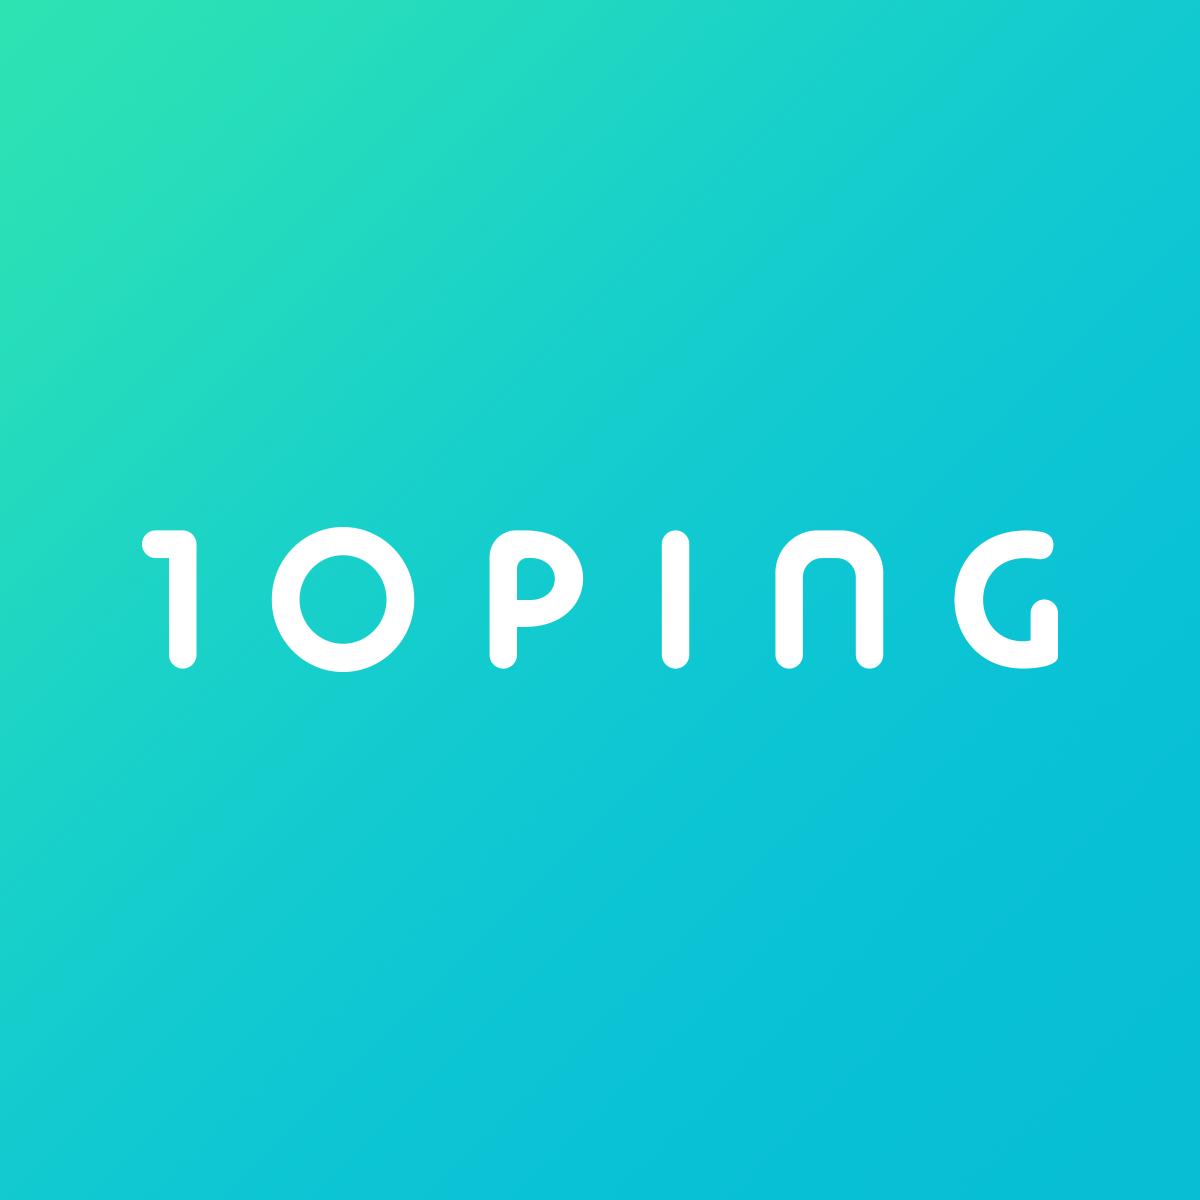 10PING